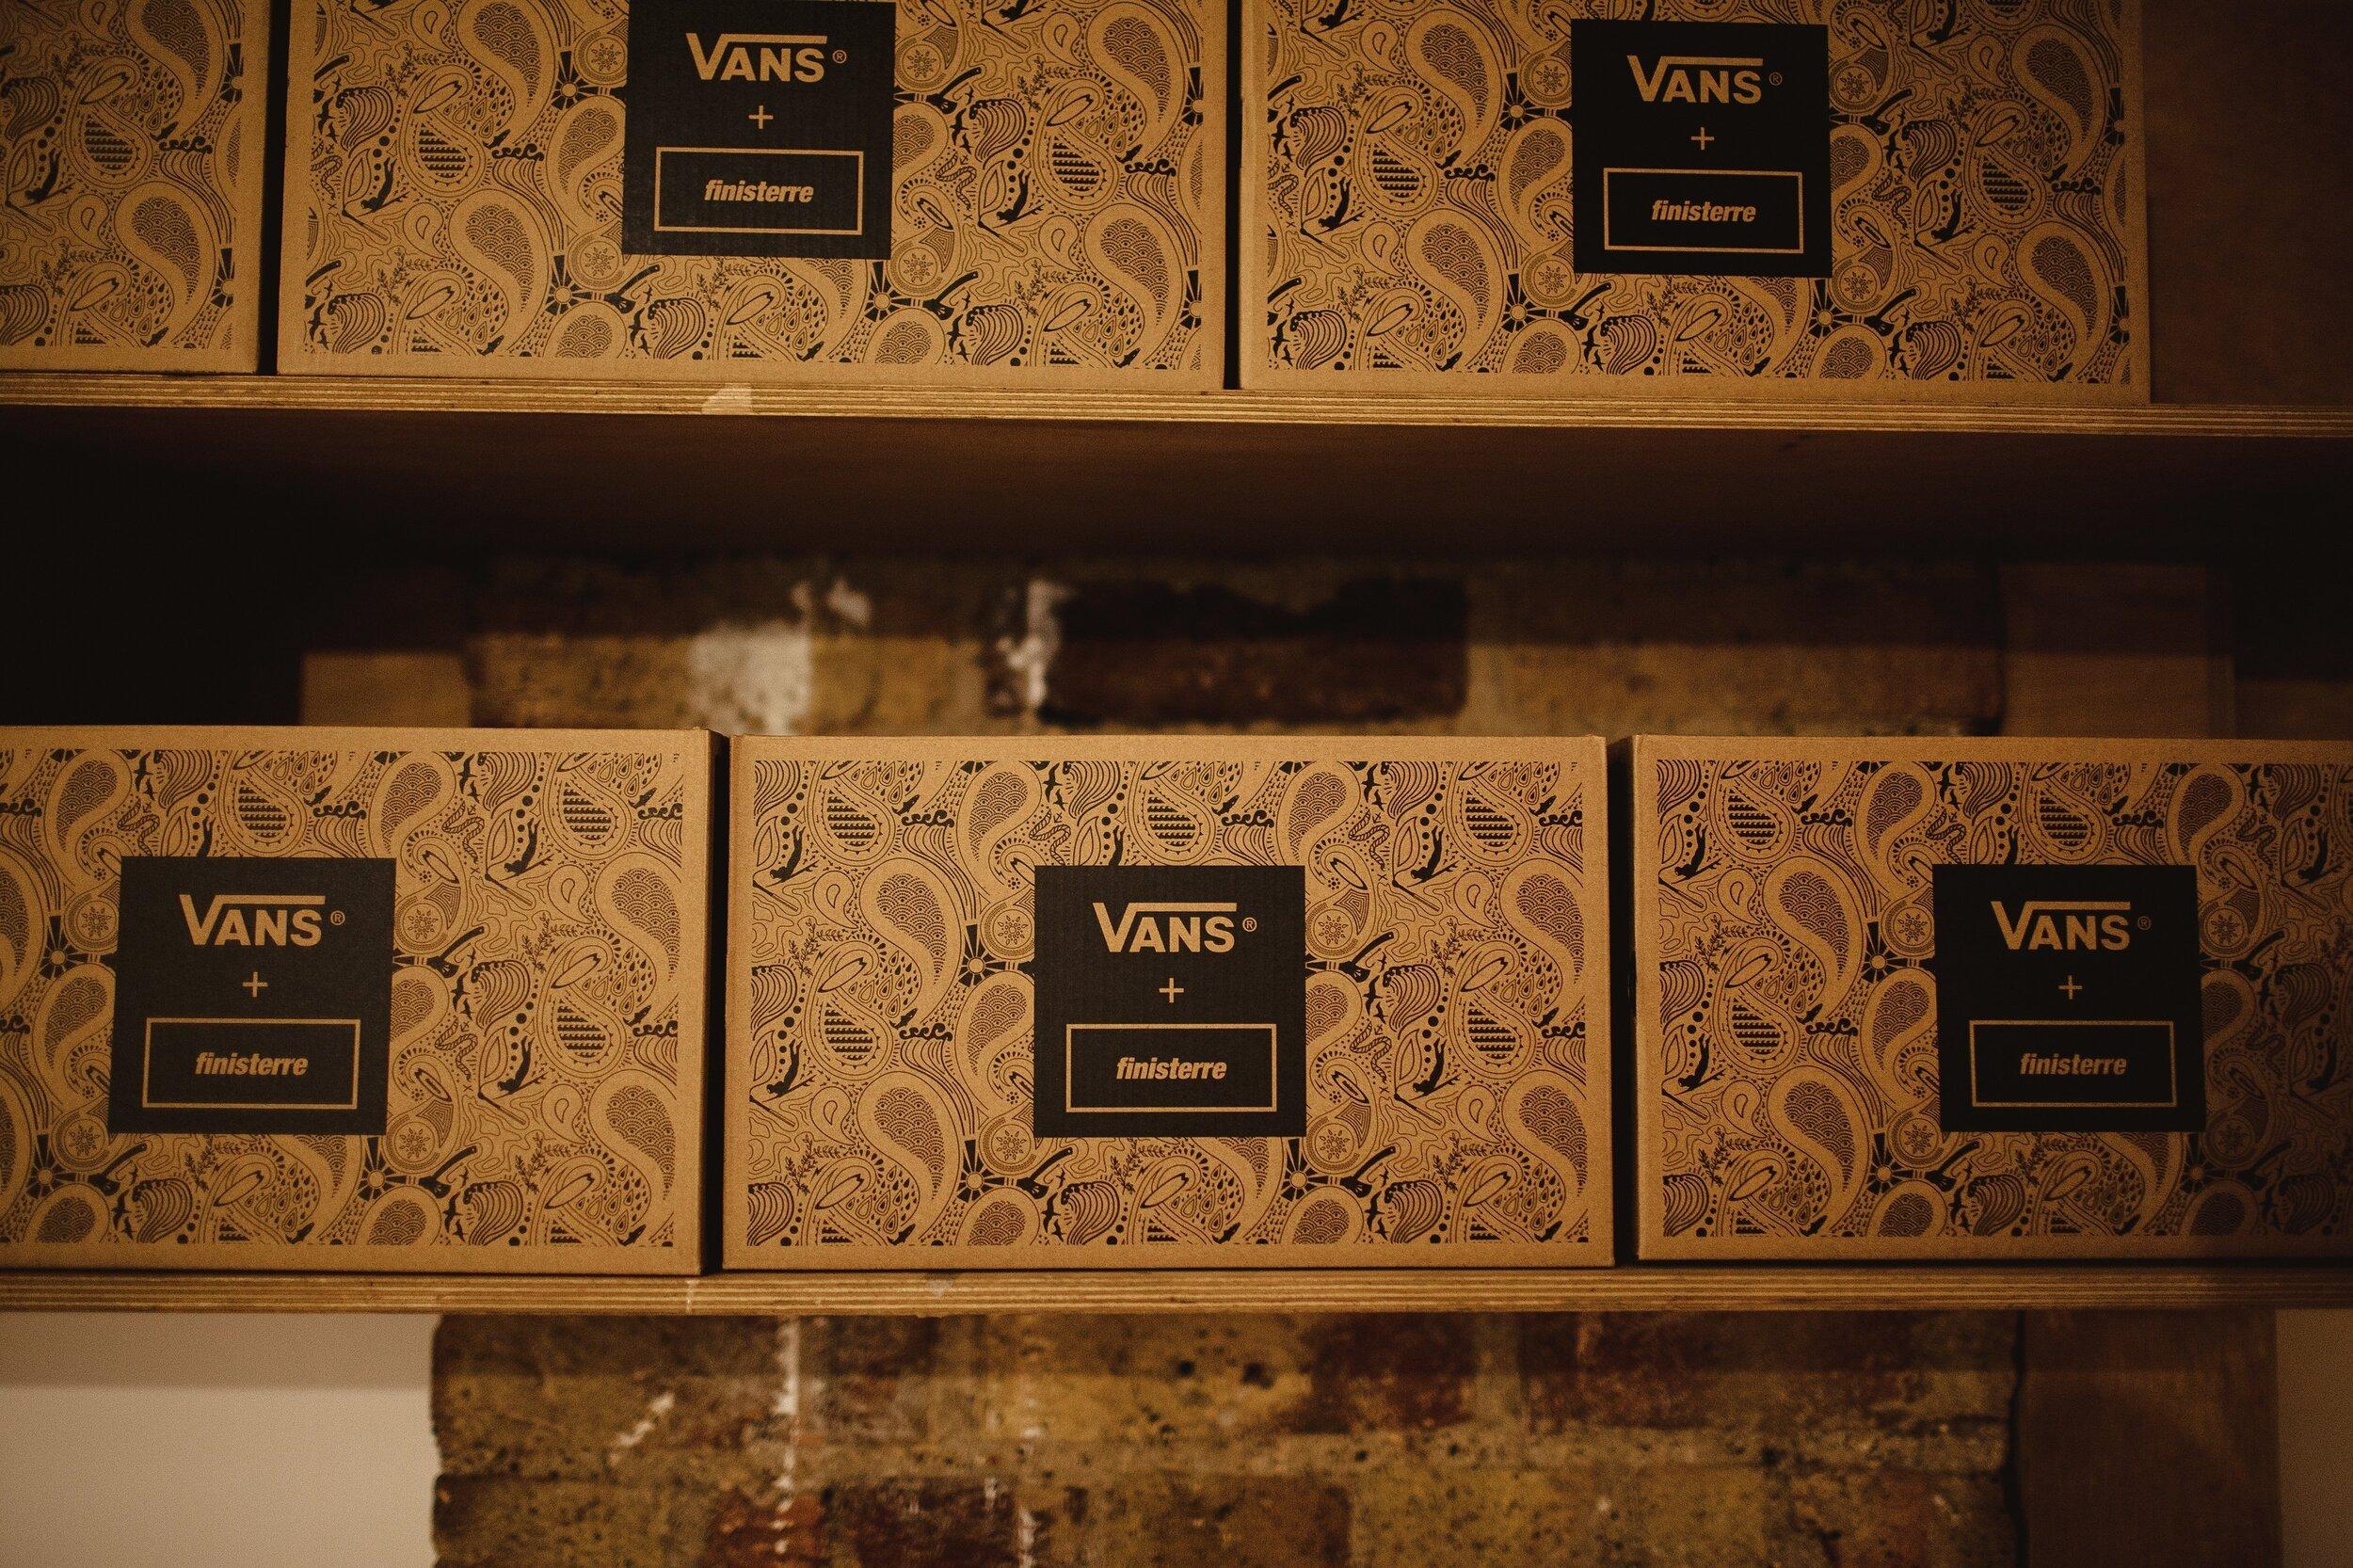 vb1566127_Vans_Finisterre-190919-Full-Size-22.jpg